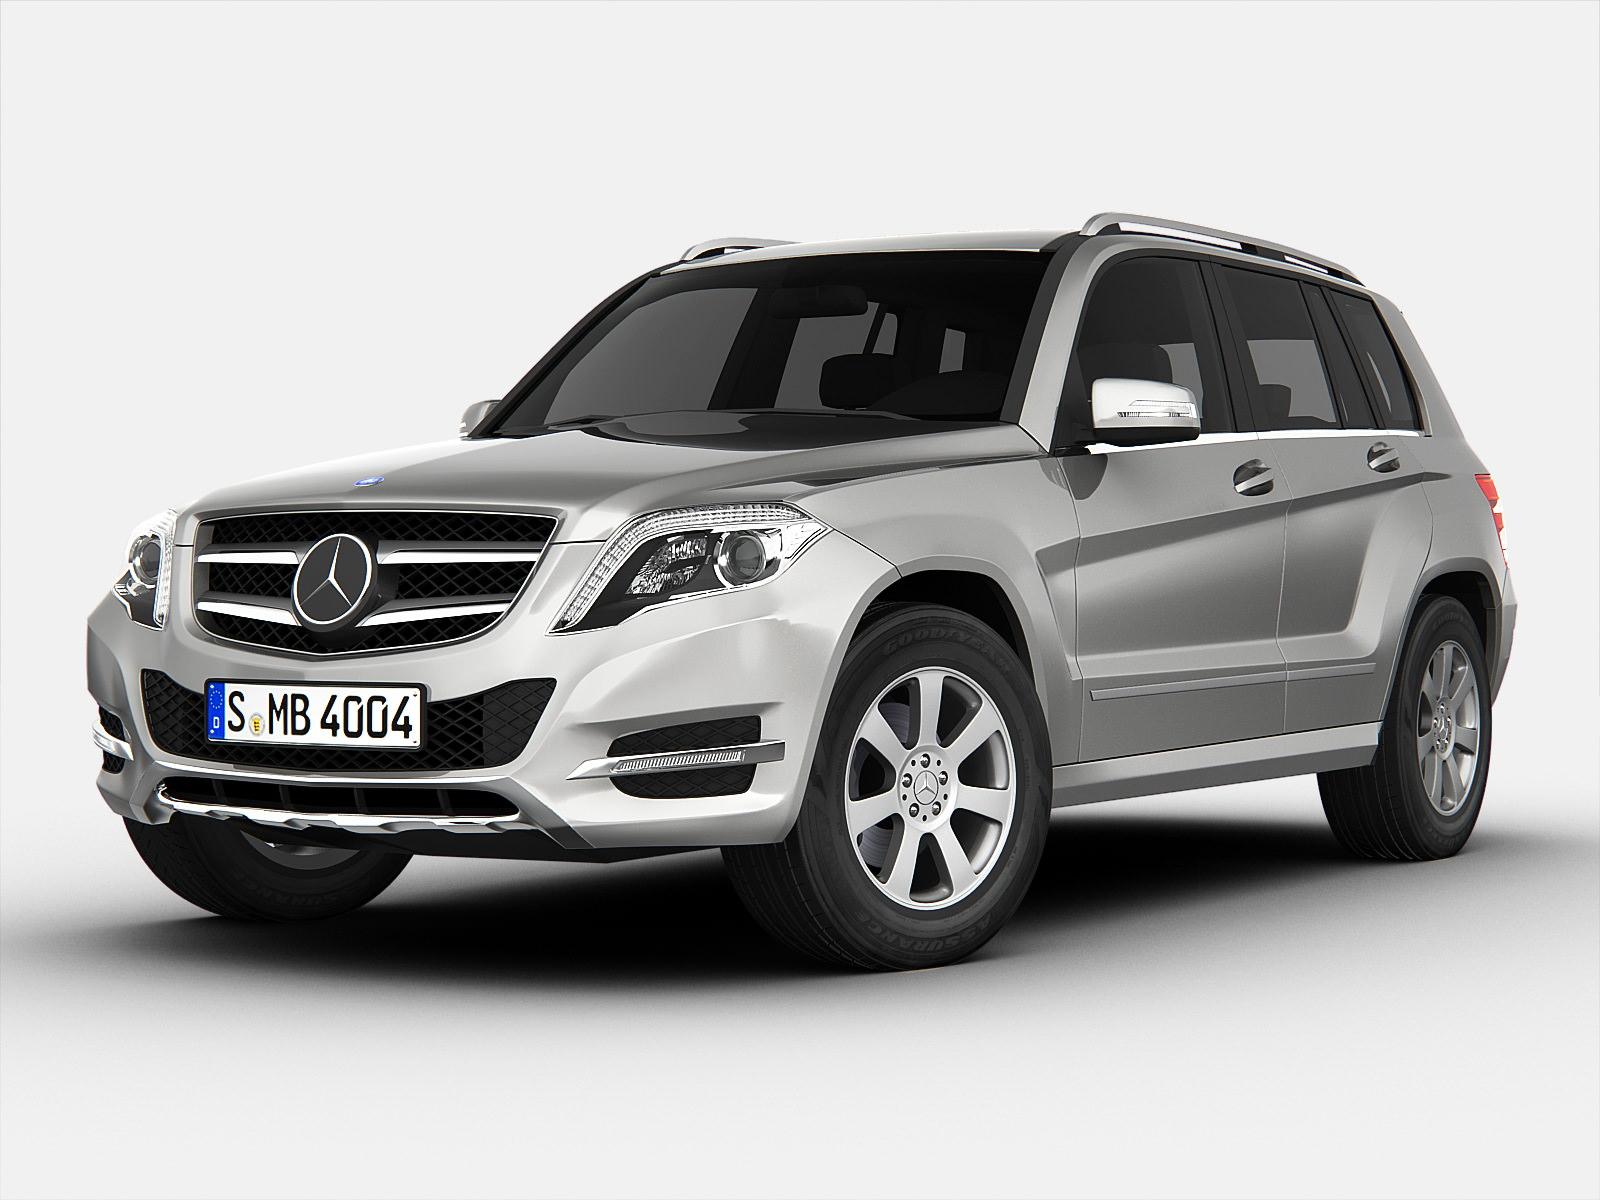 Mercedes benz glk class 2013 3d models for Mercedes benz suv models 2013